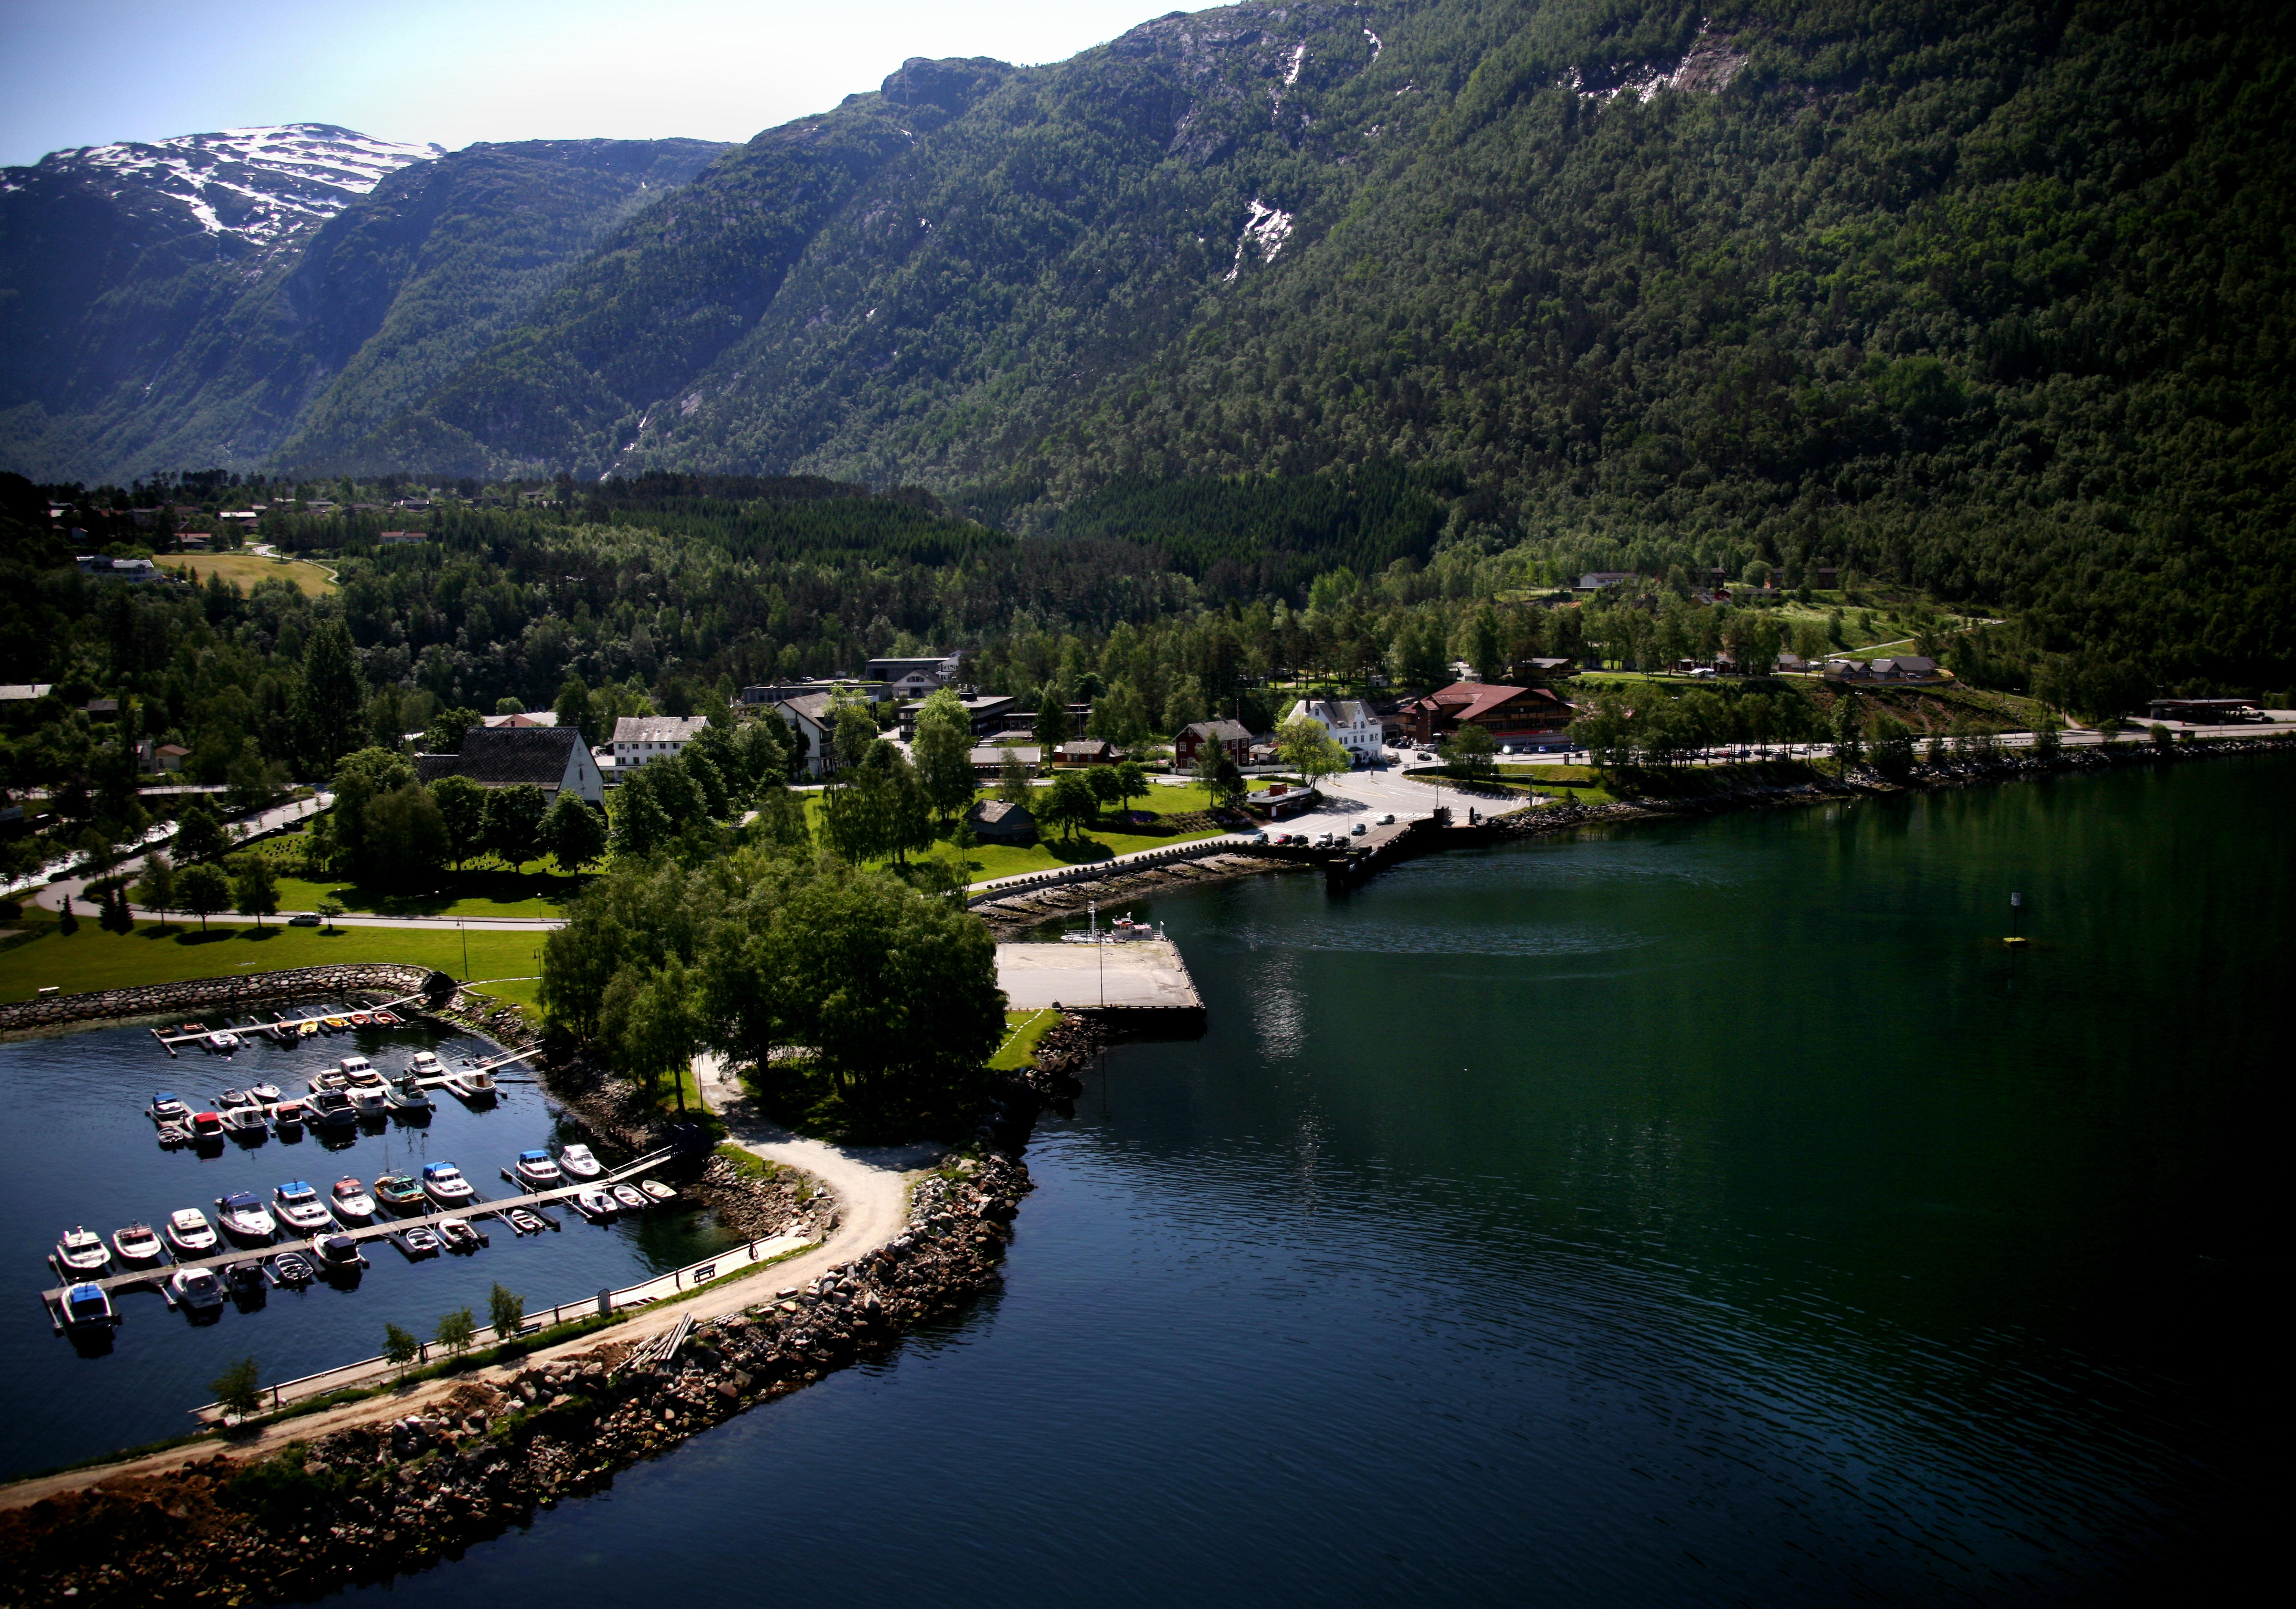 Kinsarvik, © Kinsarvik camping